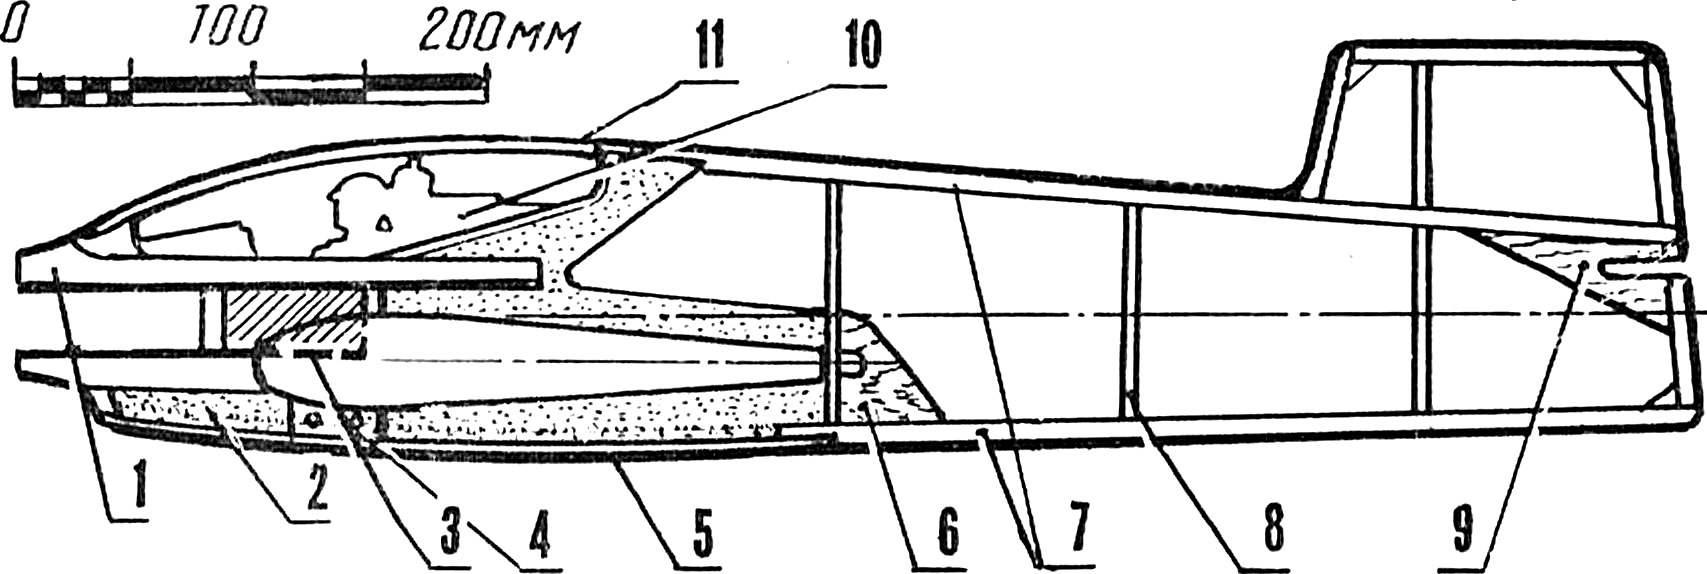 Рис. 5. Фюзеляж модели.